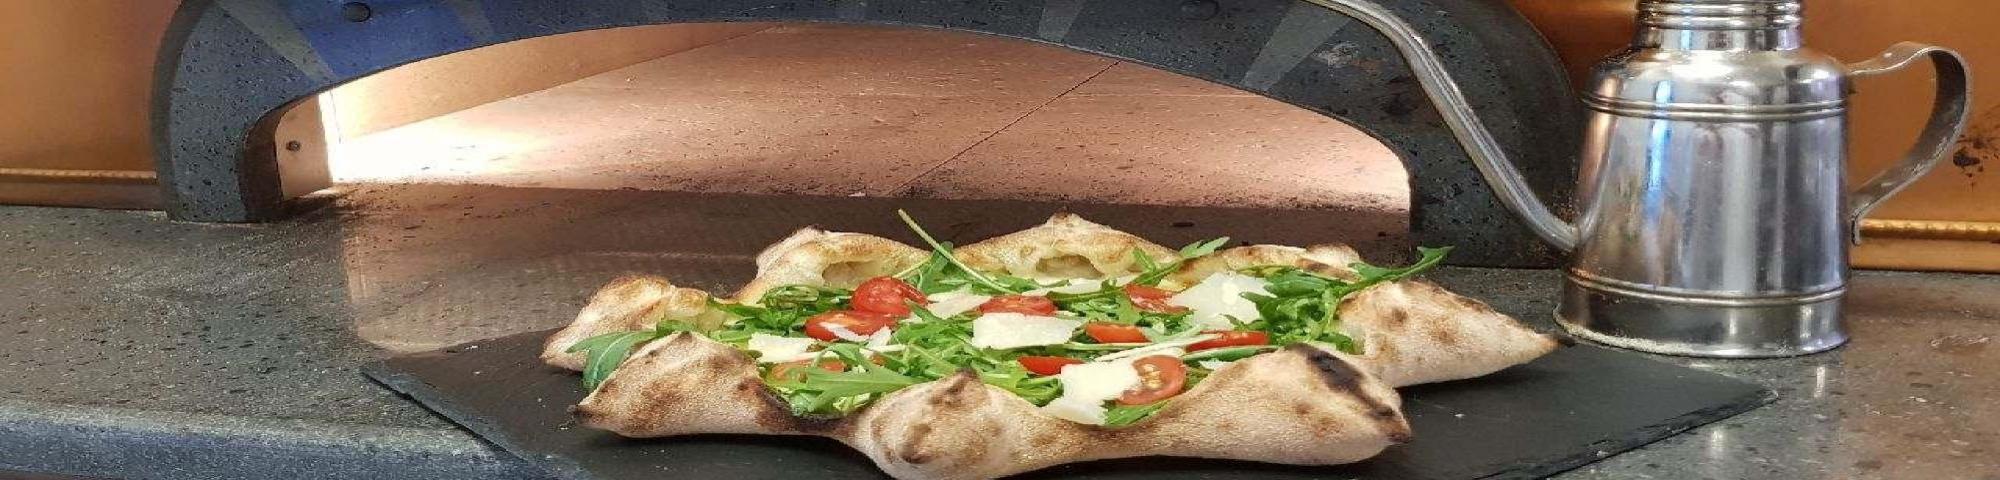 Ecole fran aise de pizzaiolo formation pizzaiolo stage for Emploi pizzaiolo